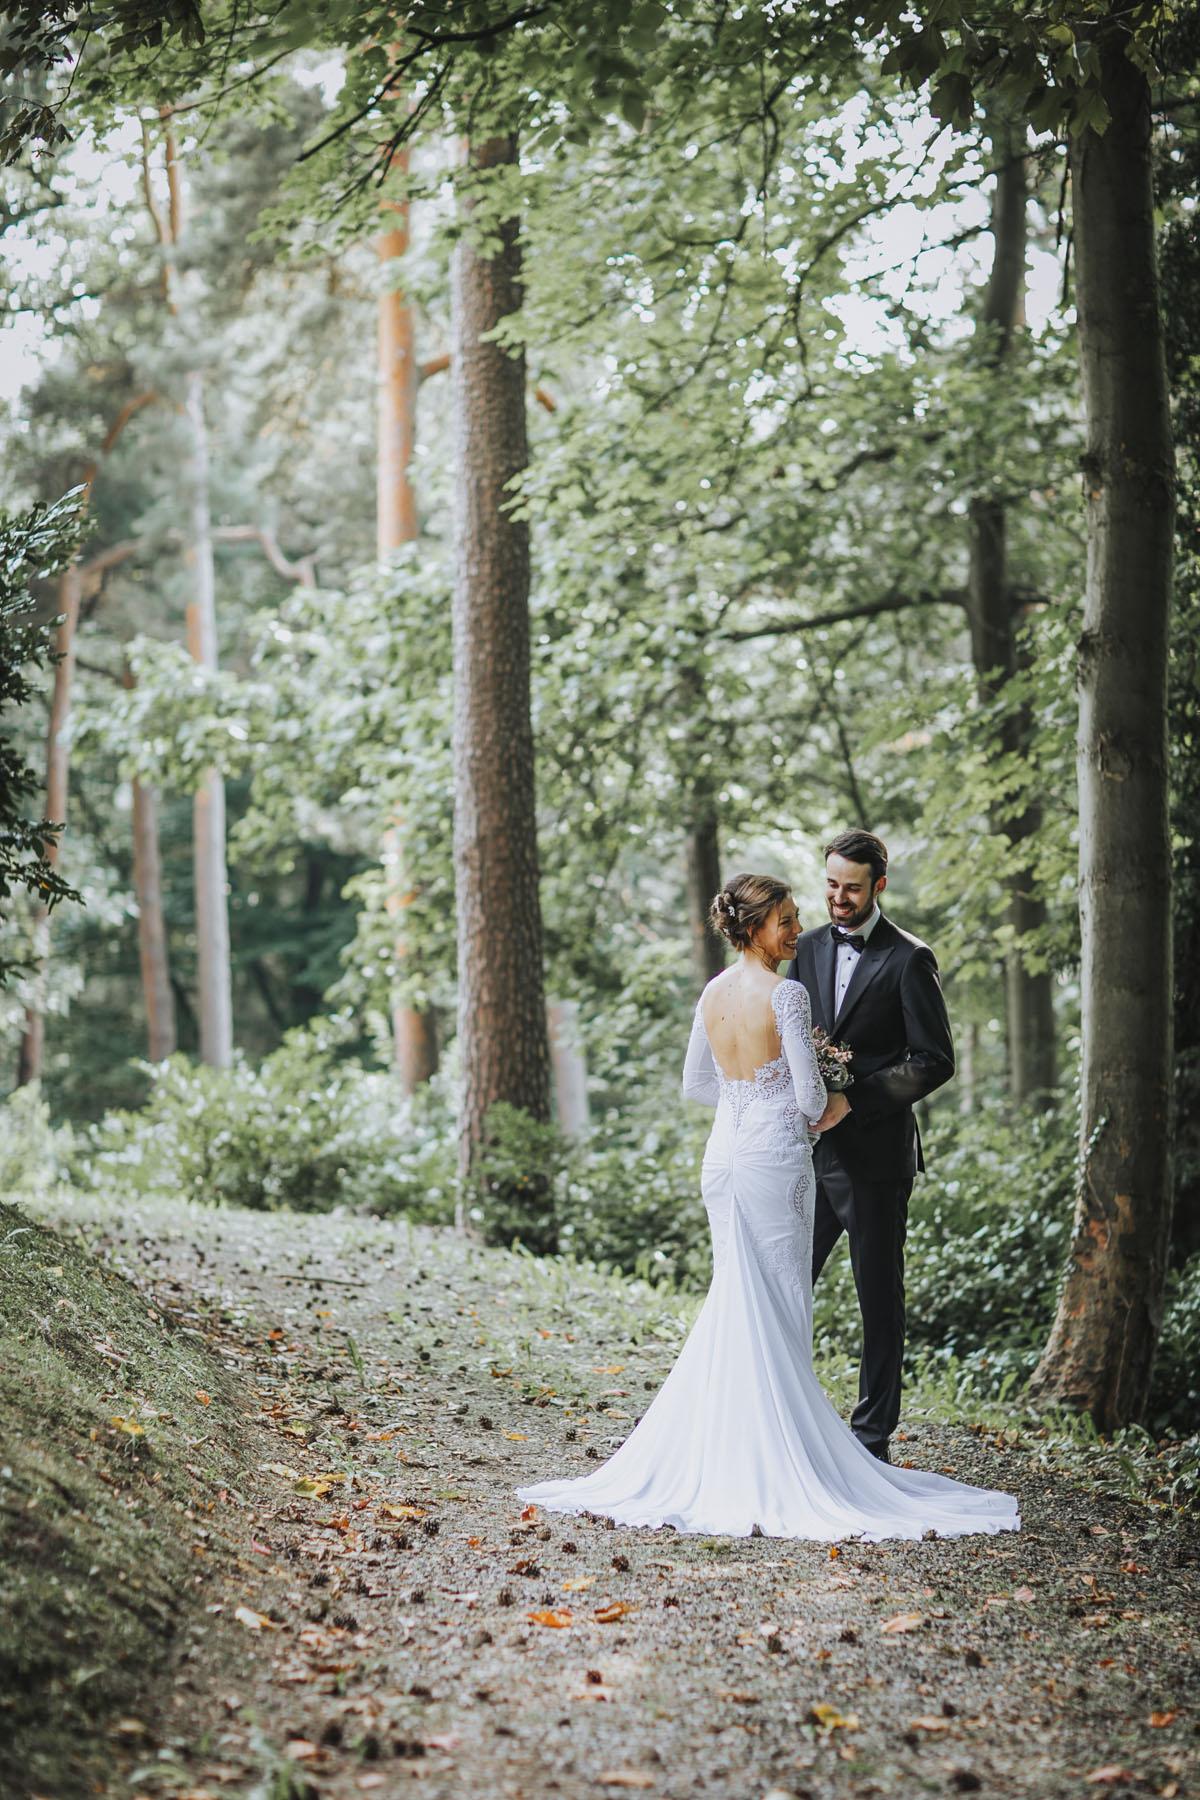 Alica+ Carsten | Freie Trauung im eigenen Garten - Fotografin Guelten Hamidanoglu Koeln Hochzeiten Hochzeitsfotos  246